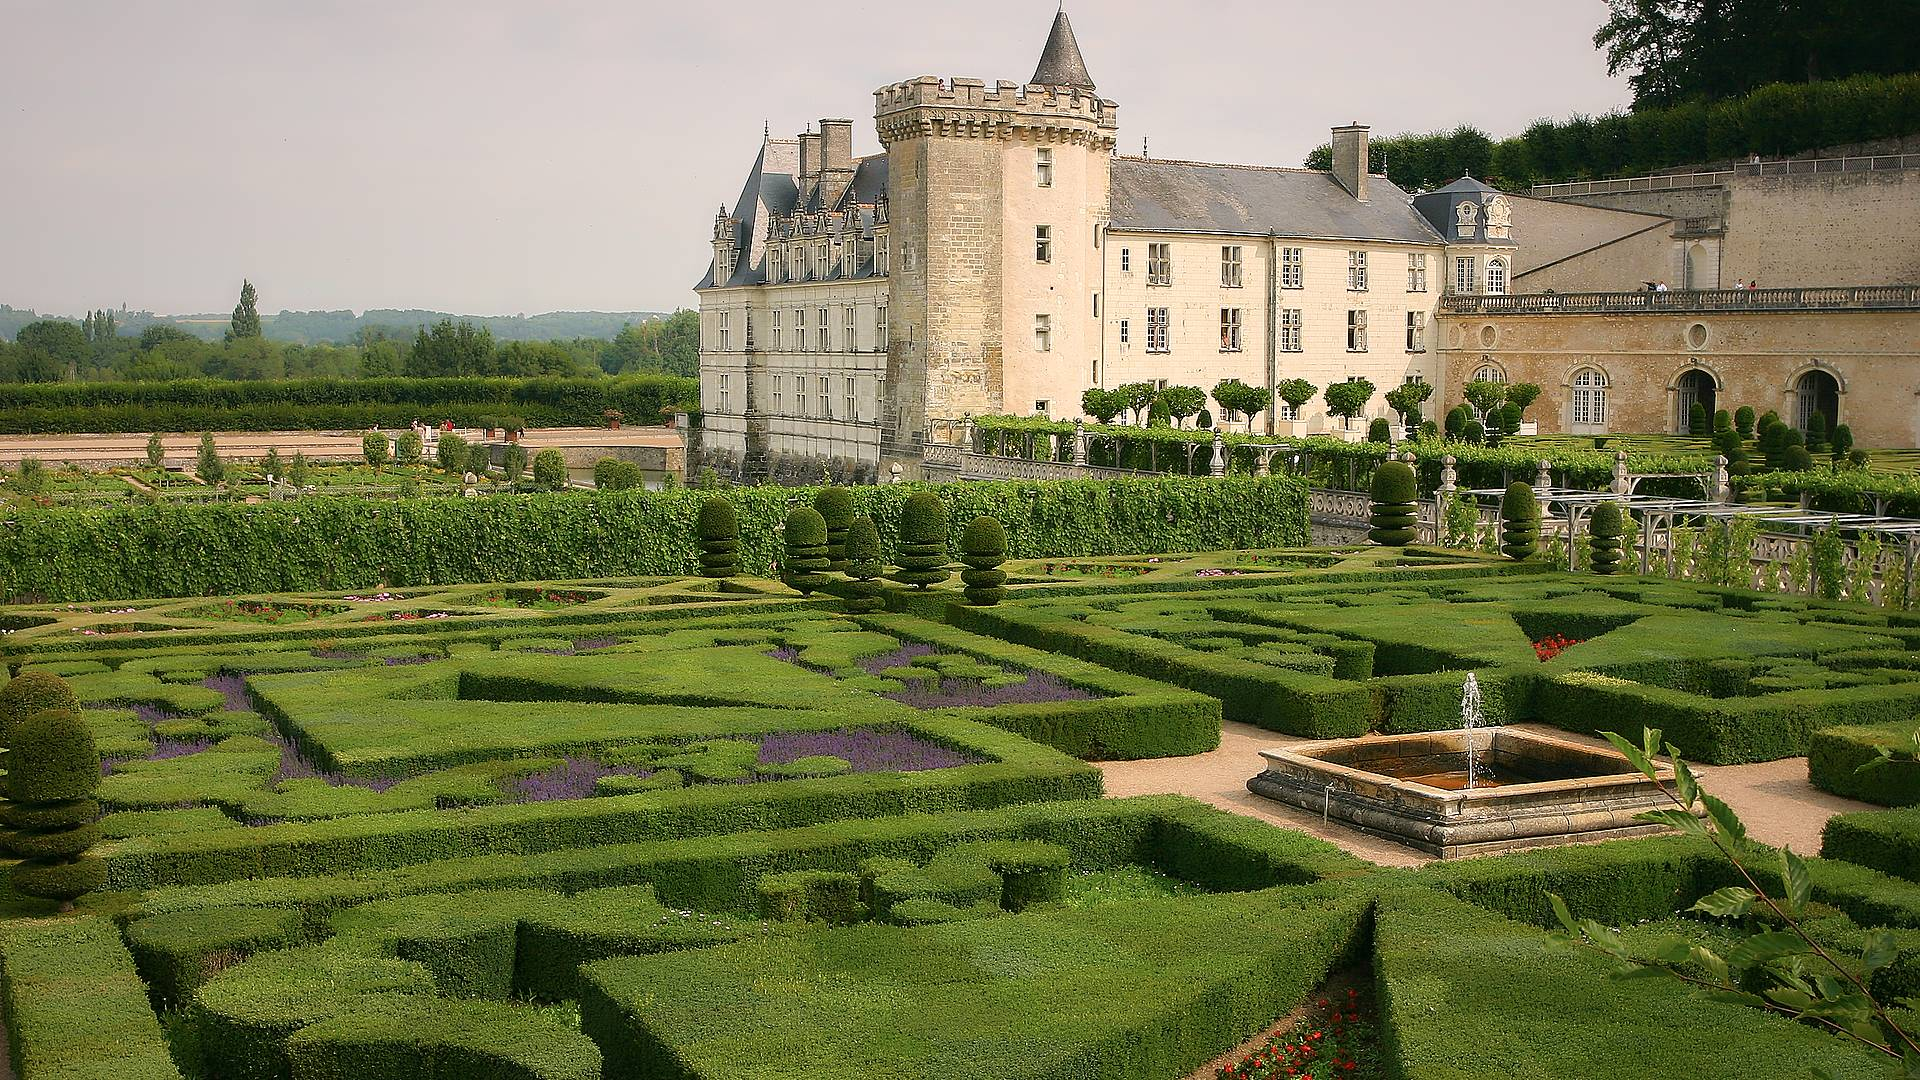 Das Loiretal - der Garten Eden Frankreichs